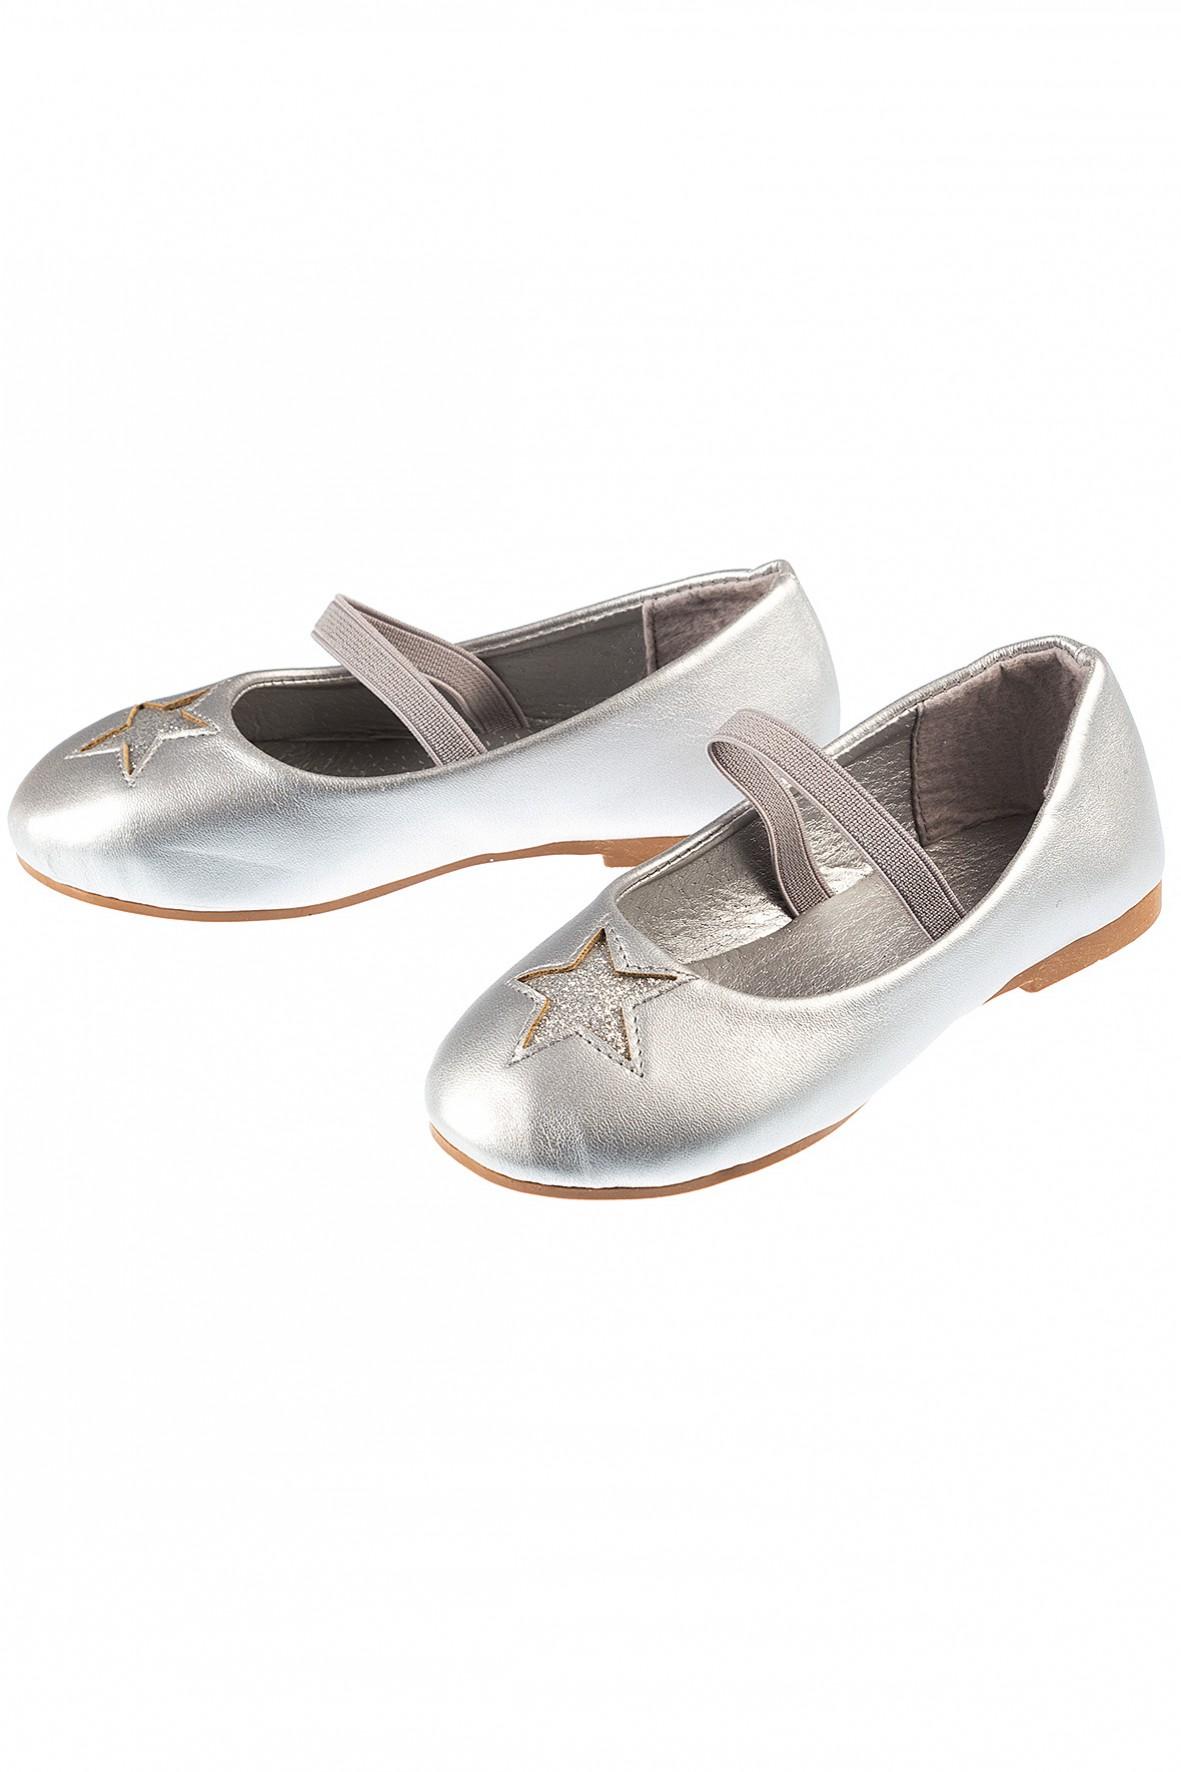 Baleriny dziewczęce srebrne z brokatową gwiazdka